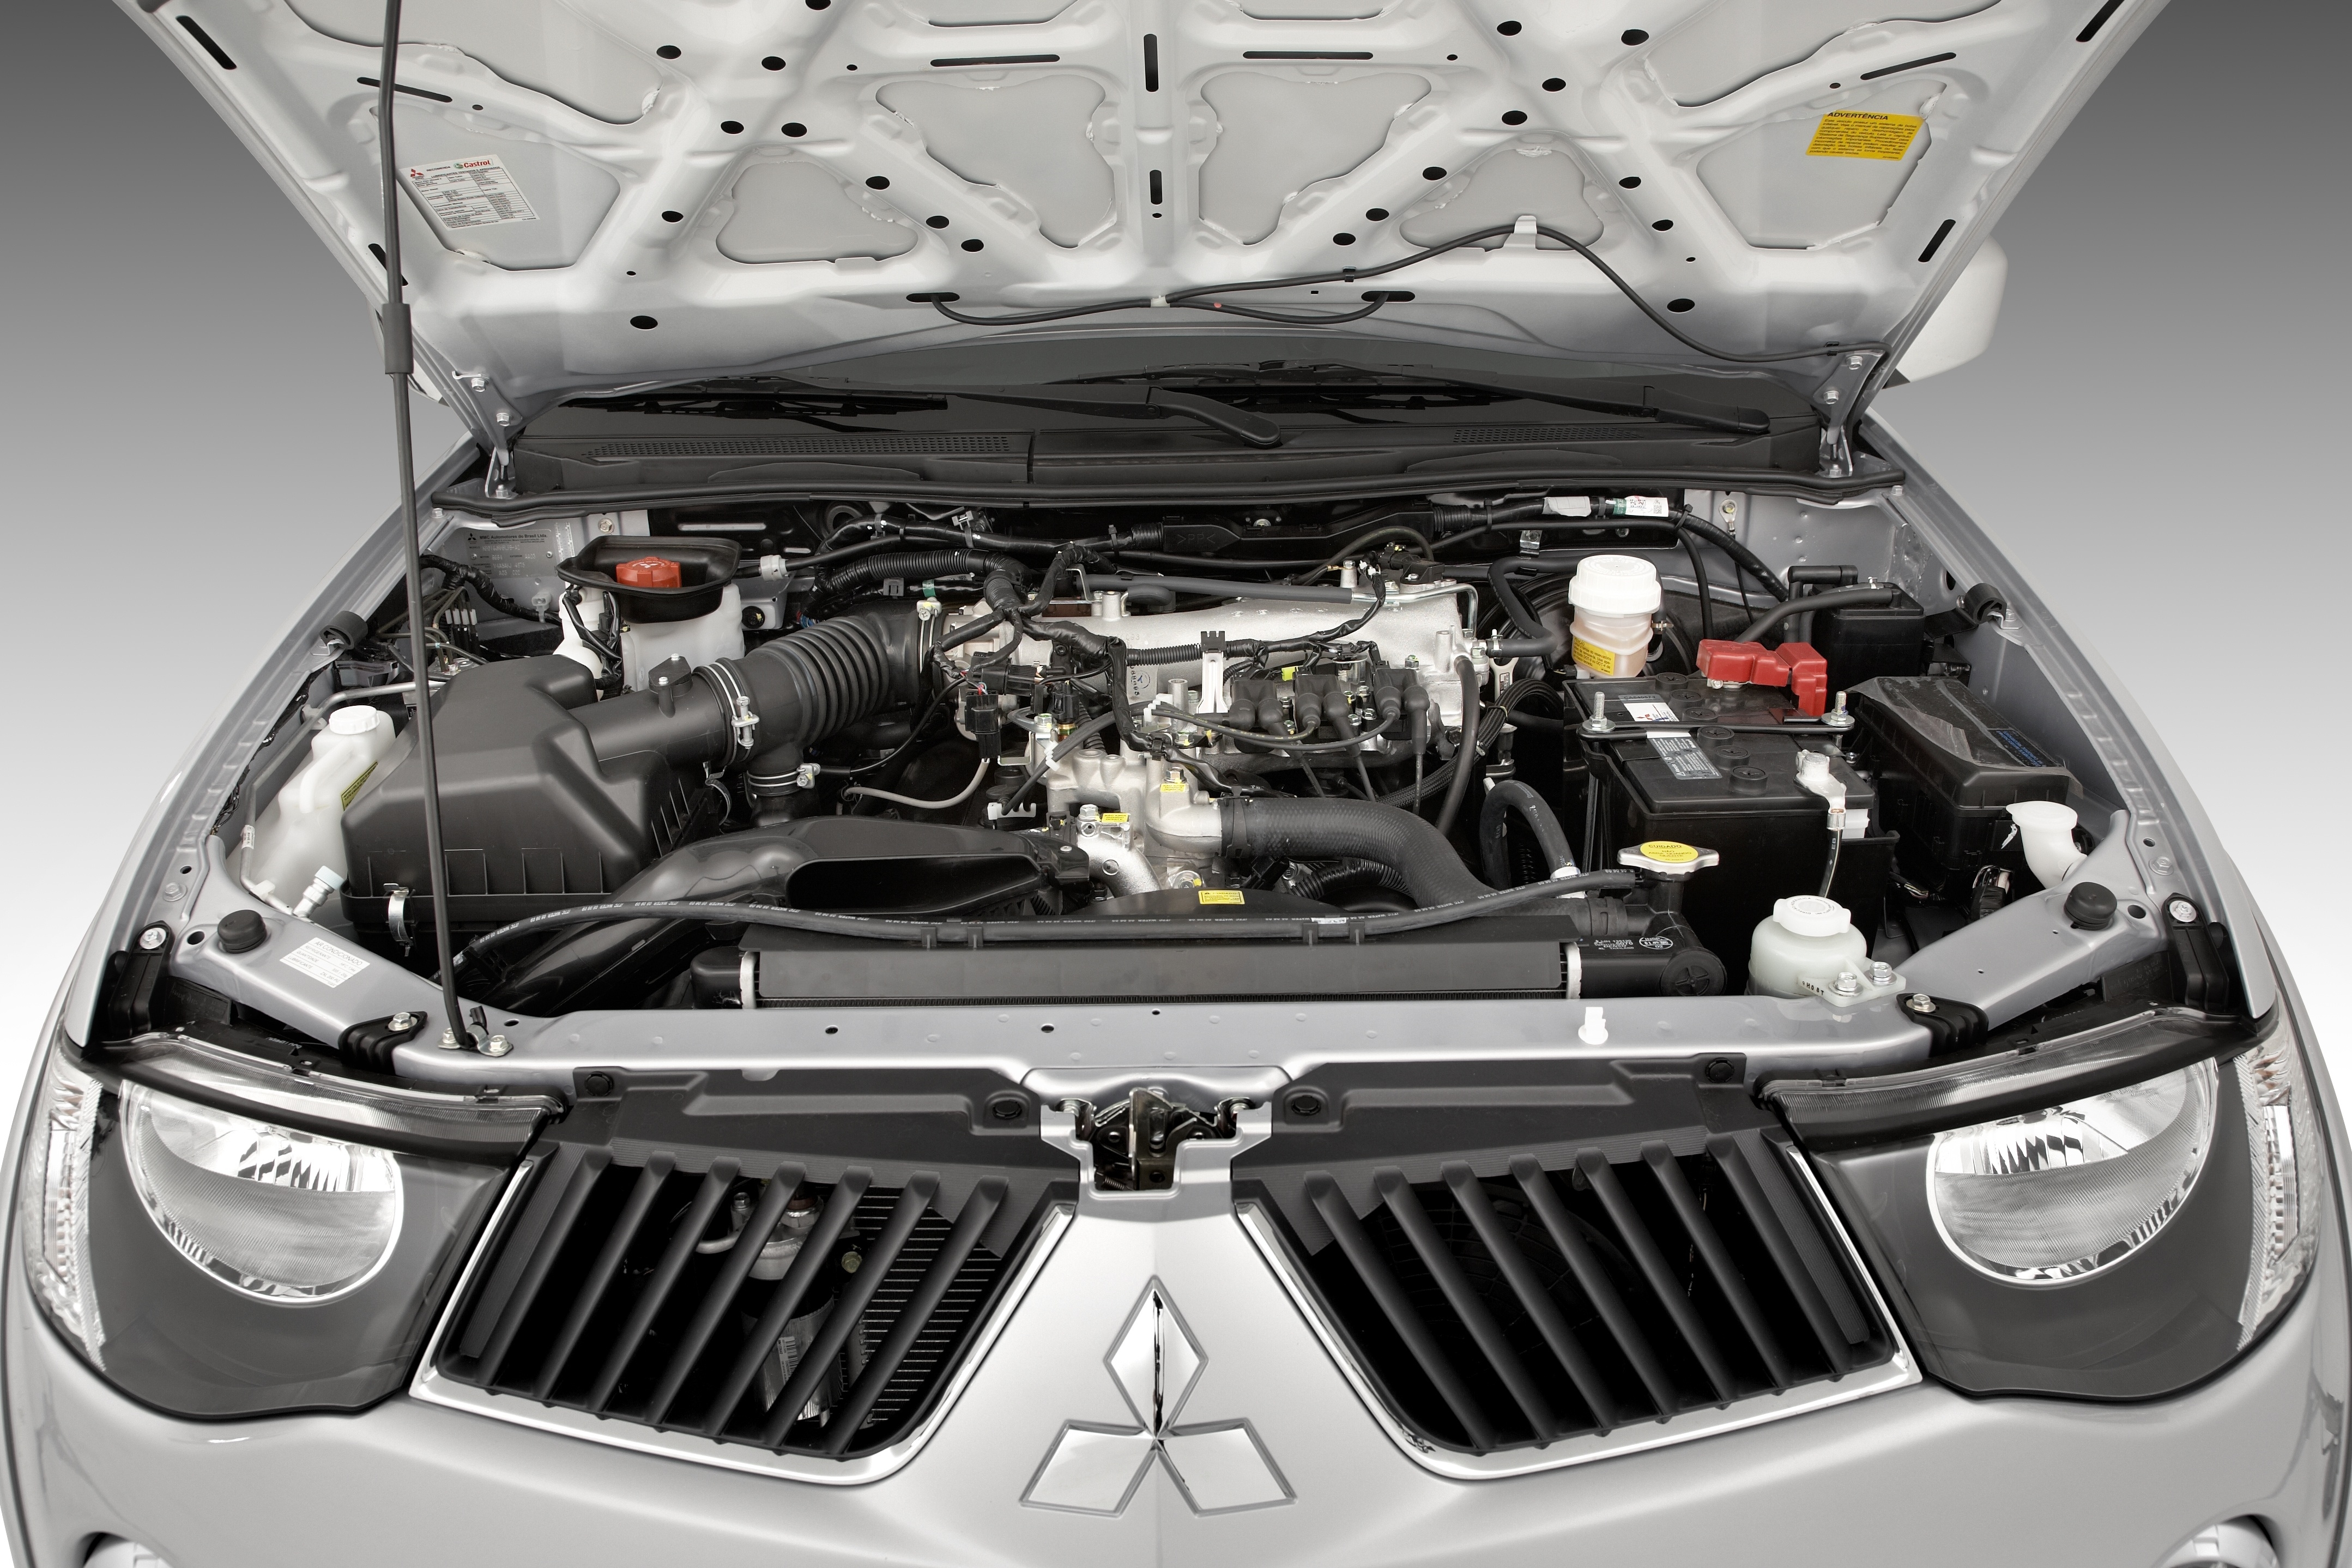 Mitsubishi Lan 231 A L200 Triton Com Motor V6 Flex A Partir De R 99 990 Pit Stop